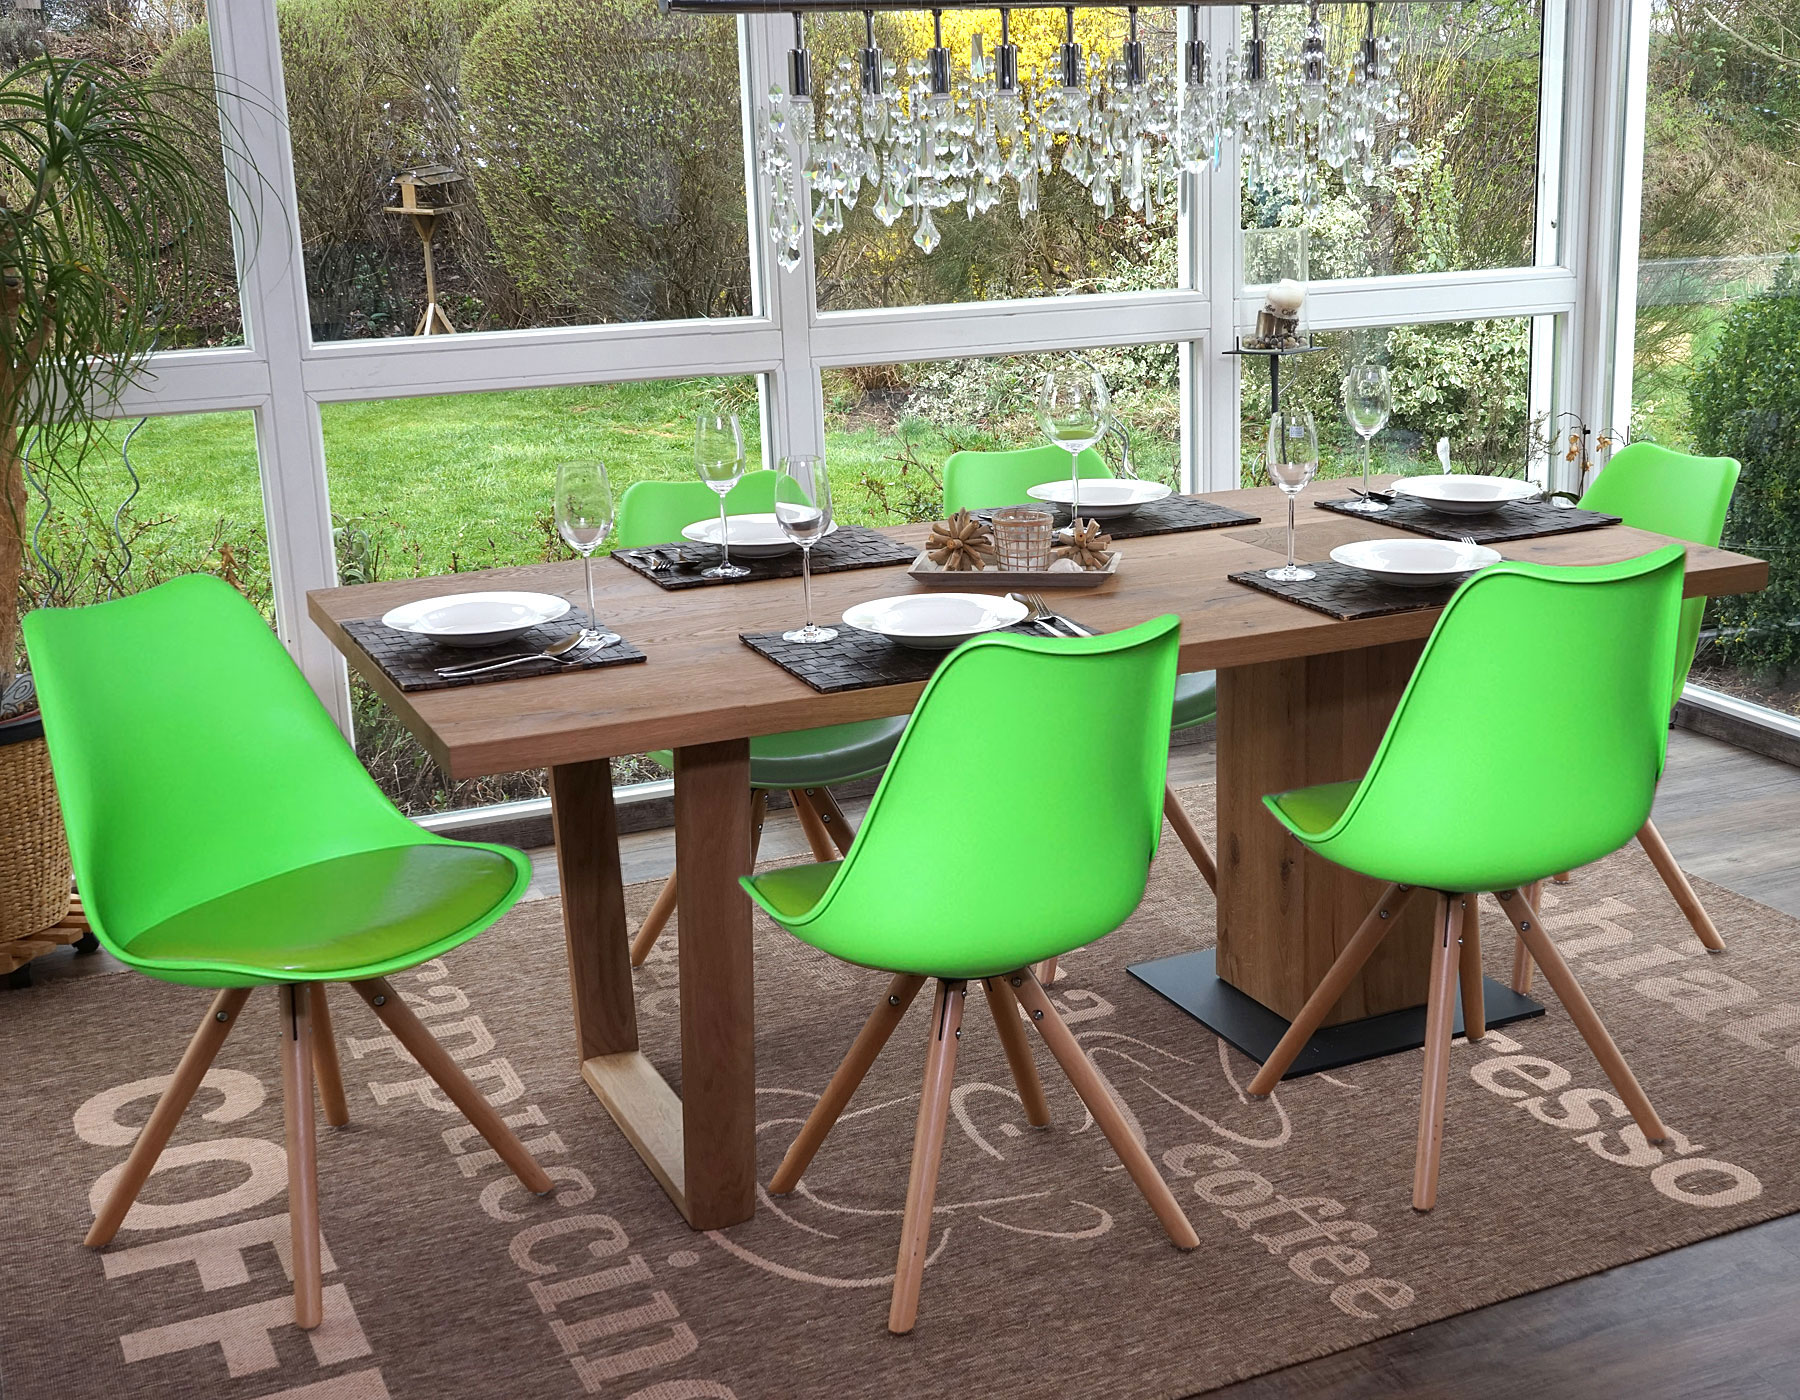 Serie malmoe set 6x sedie sala da pranzo t501 legno massiccio ebay - Sedie sala da pranzo ...